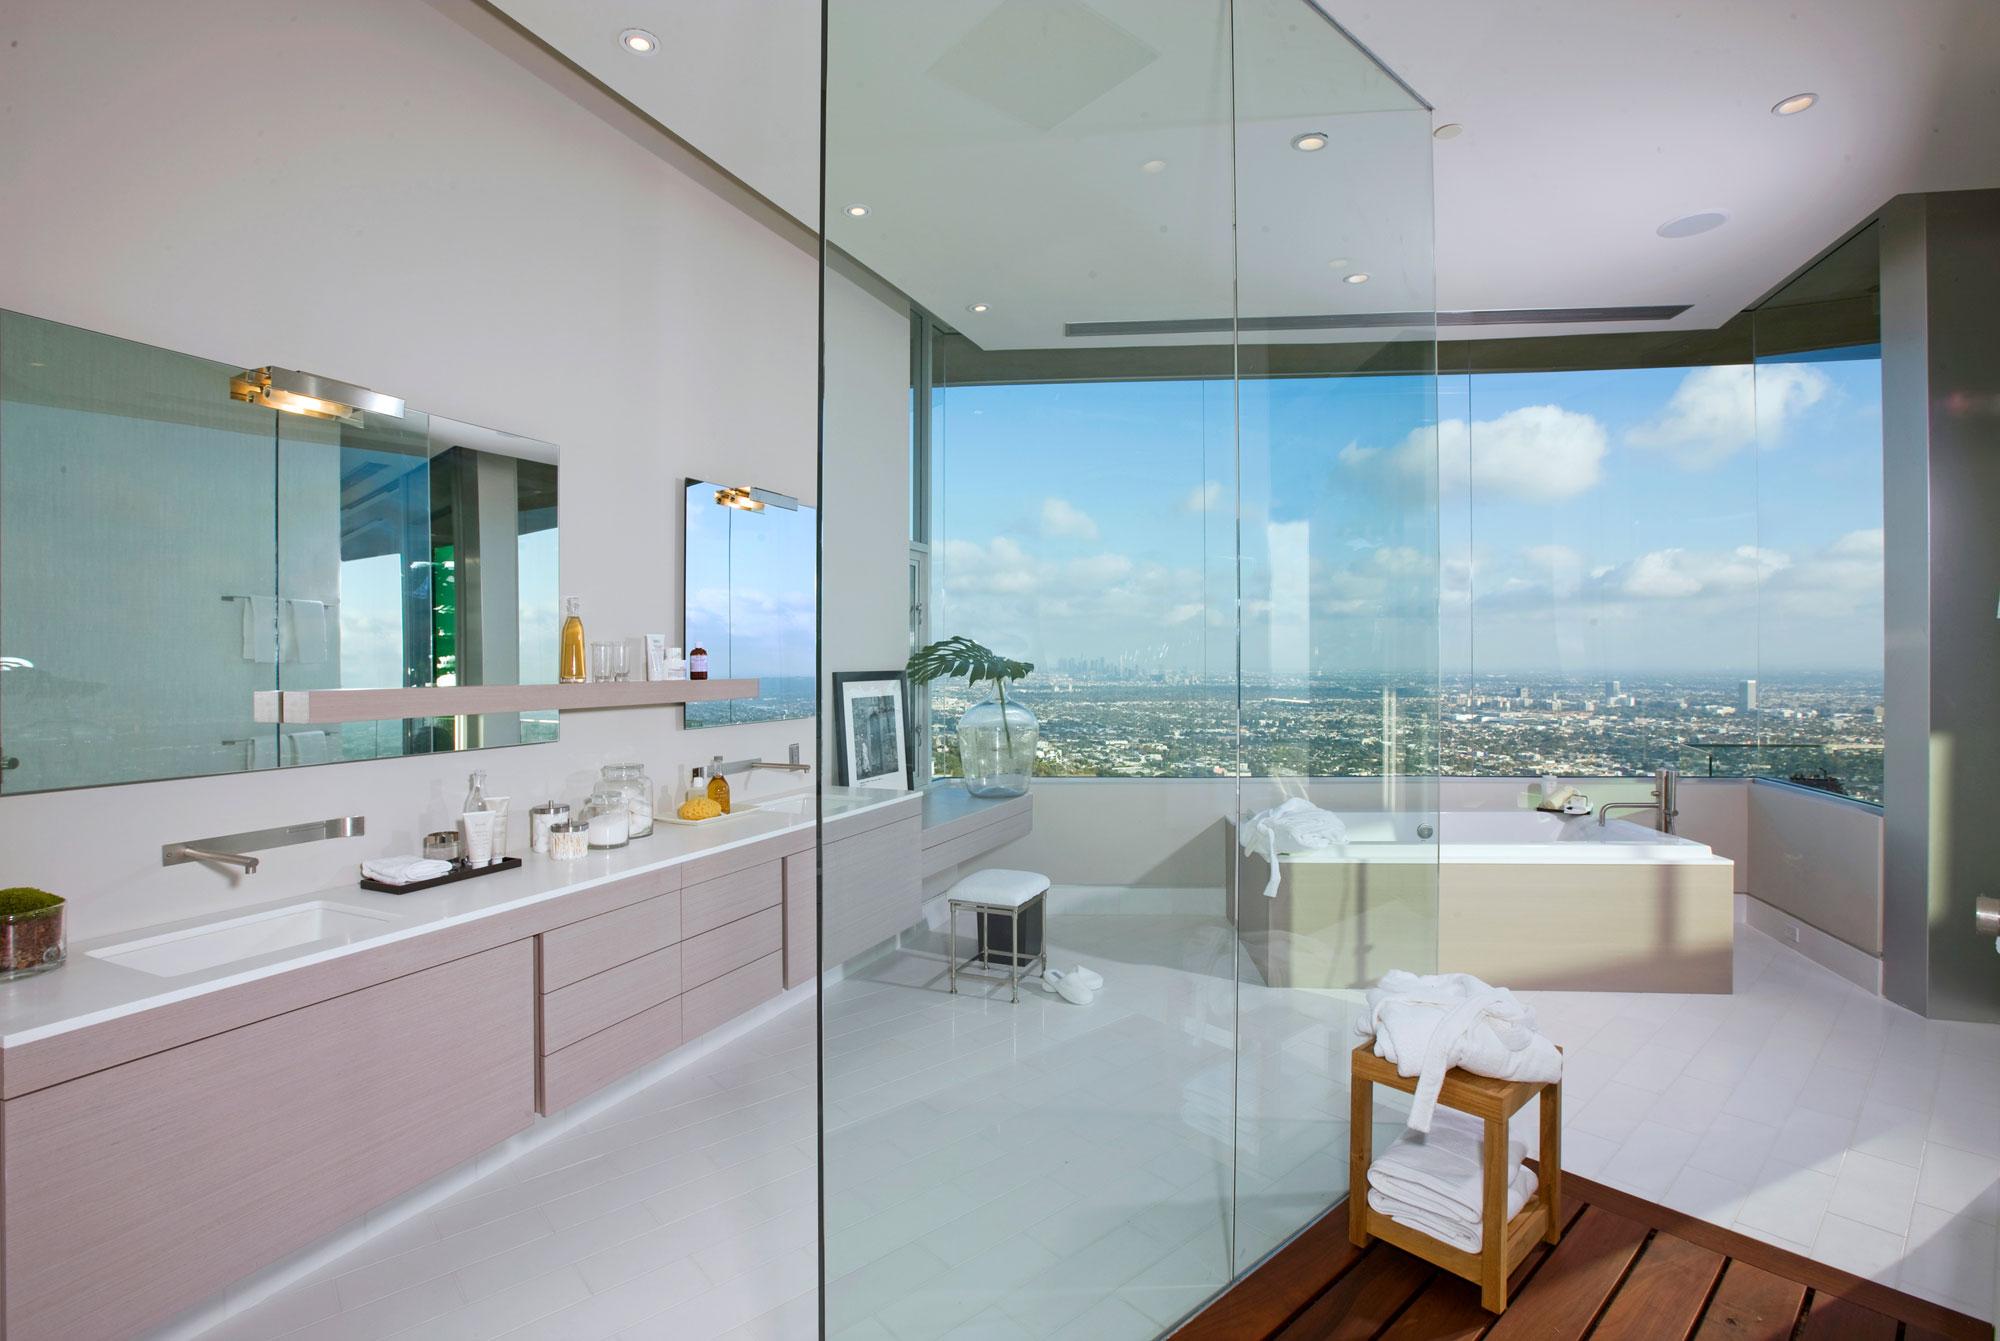 Шикарная резиденция с панорамным видом на Лос-Анджелес